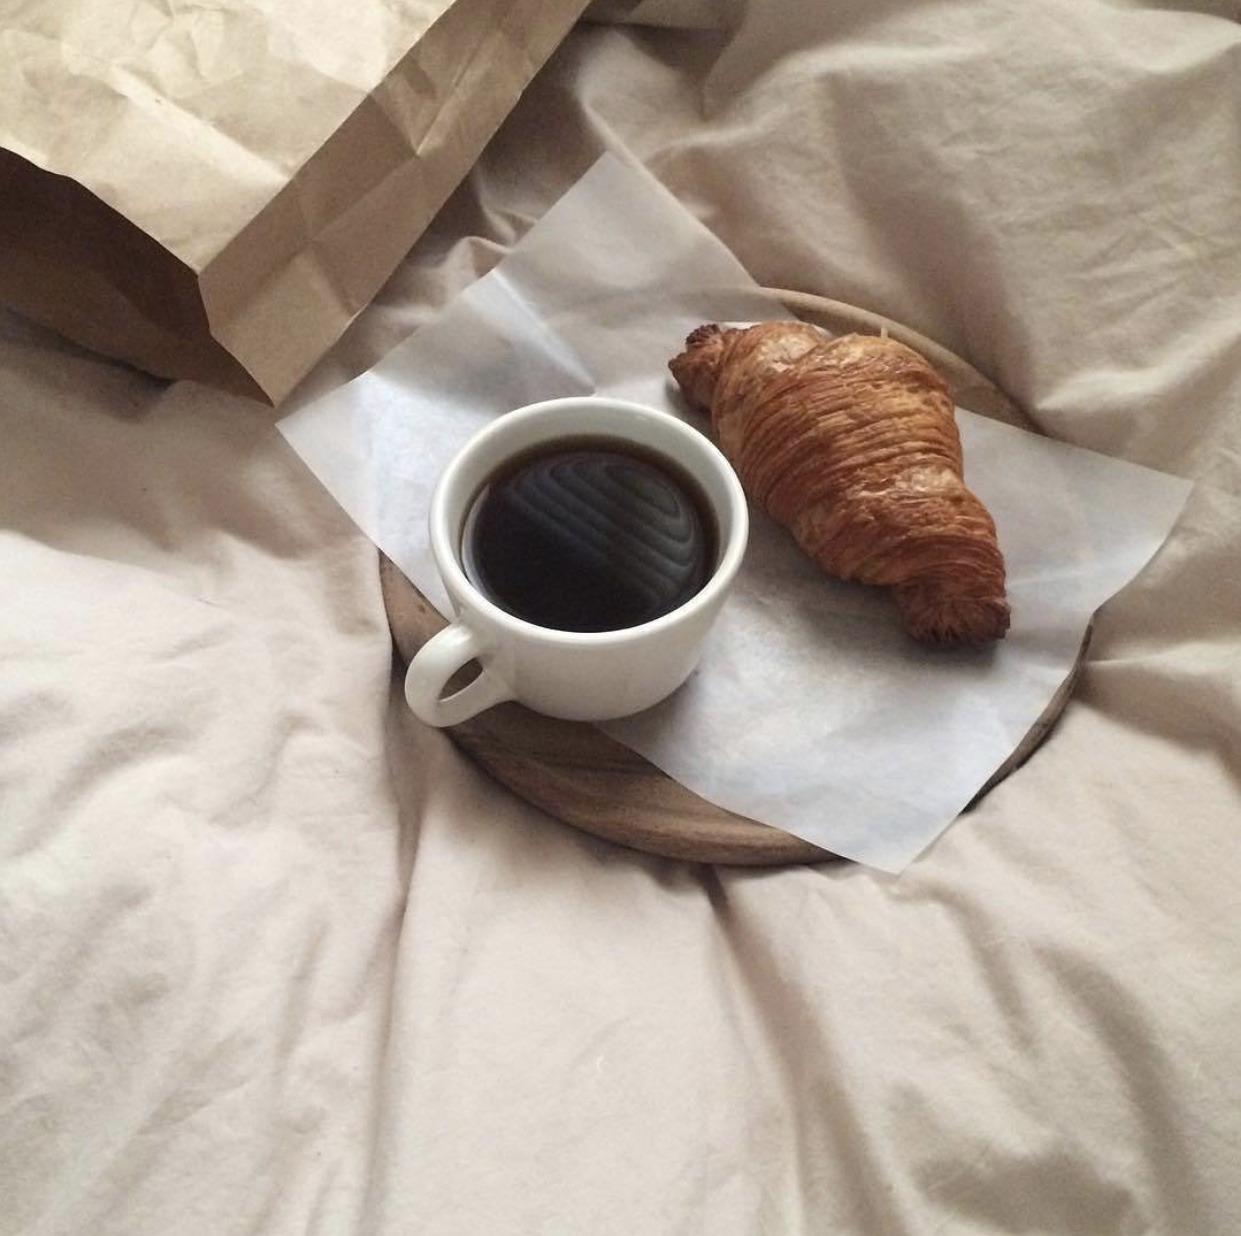 Từ giờ đến Tết, uống cà phê đen vào 3 thời điểm này sẽ giúp giảm cân nhanh chóng, bụng thon để mặc gì cũng đẹp - Ảnh 2.